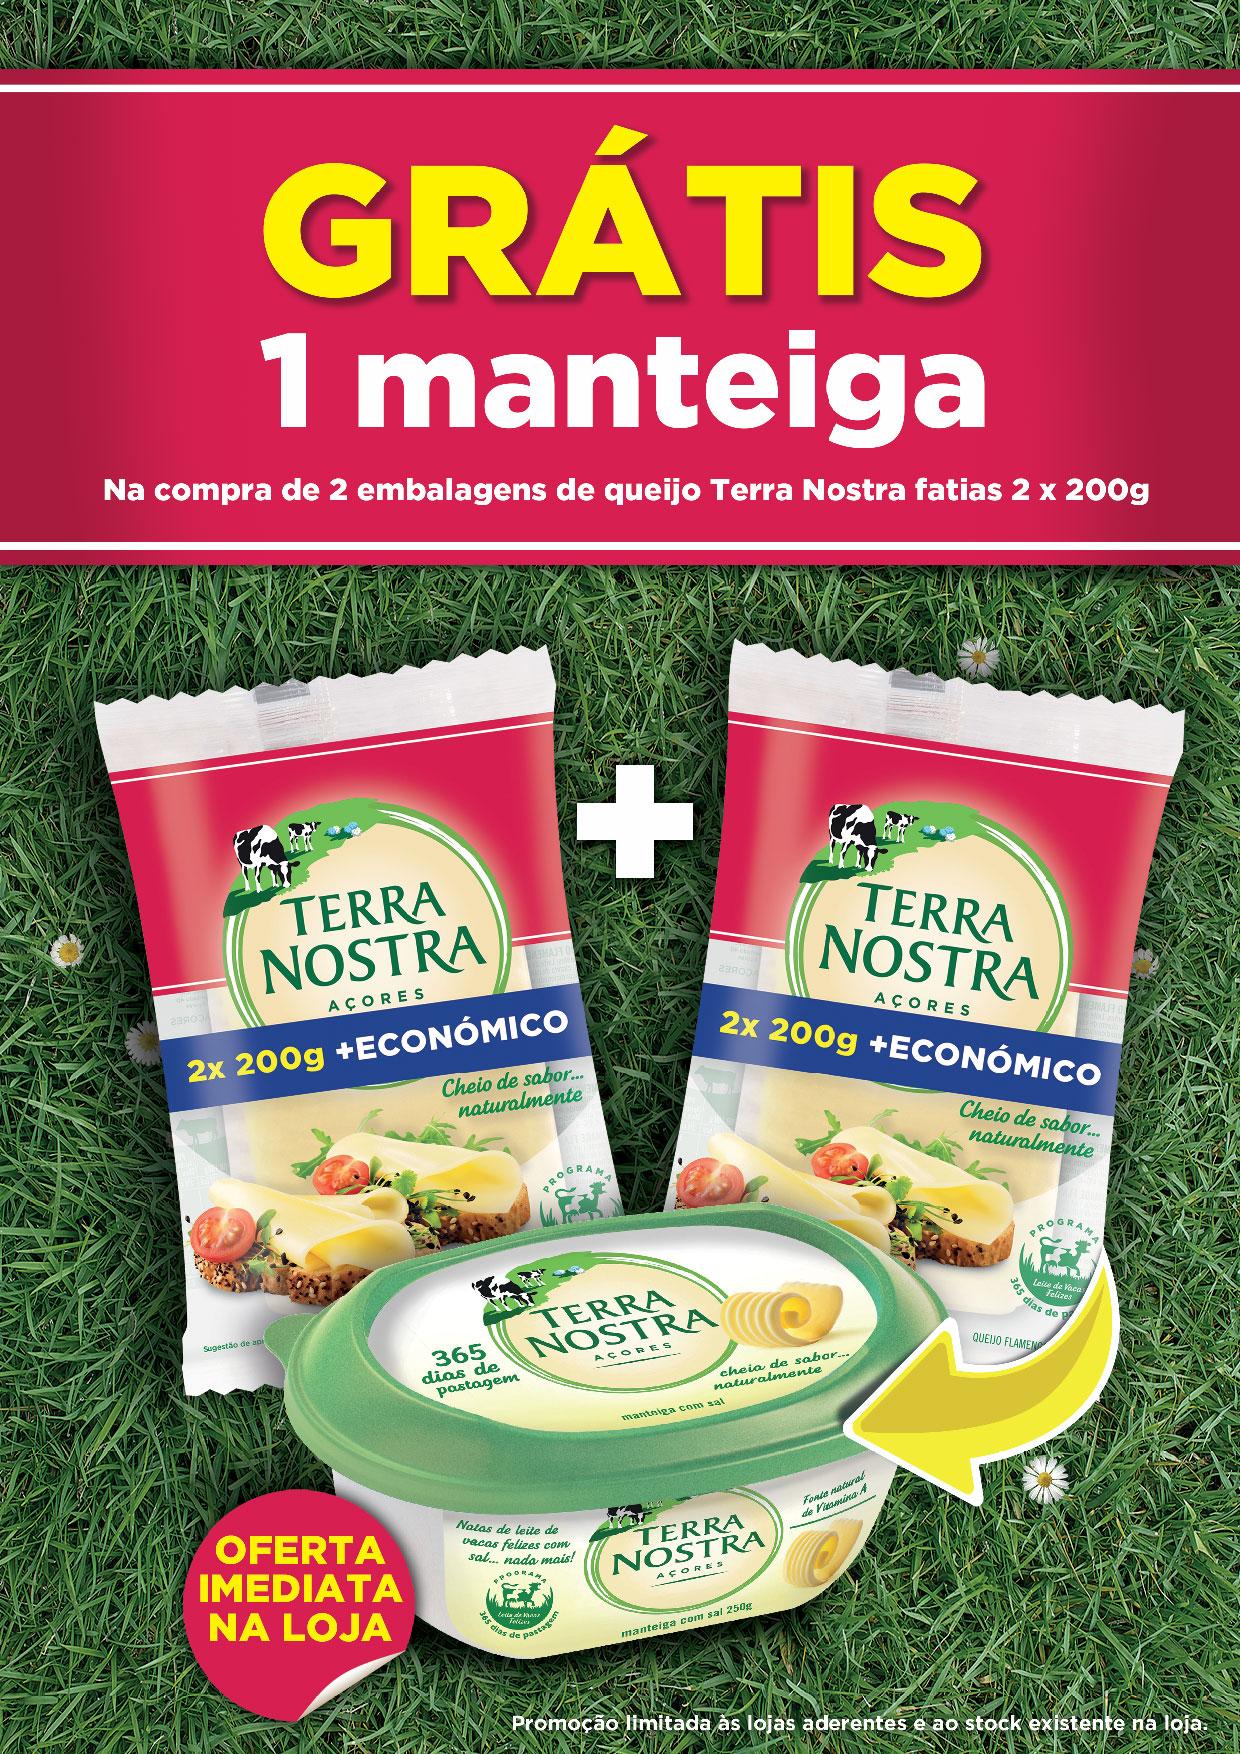 Promoção Manteiga Terra Nostra 365 dias de pastagem